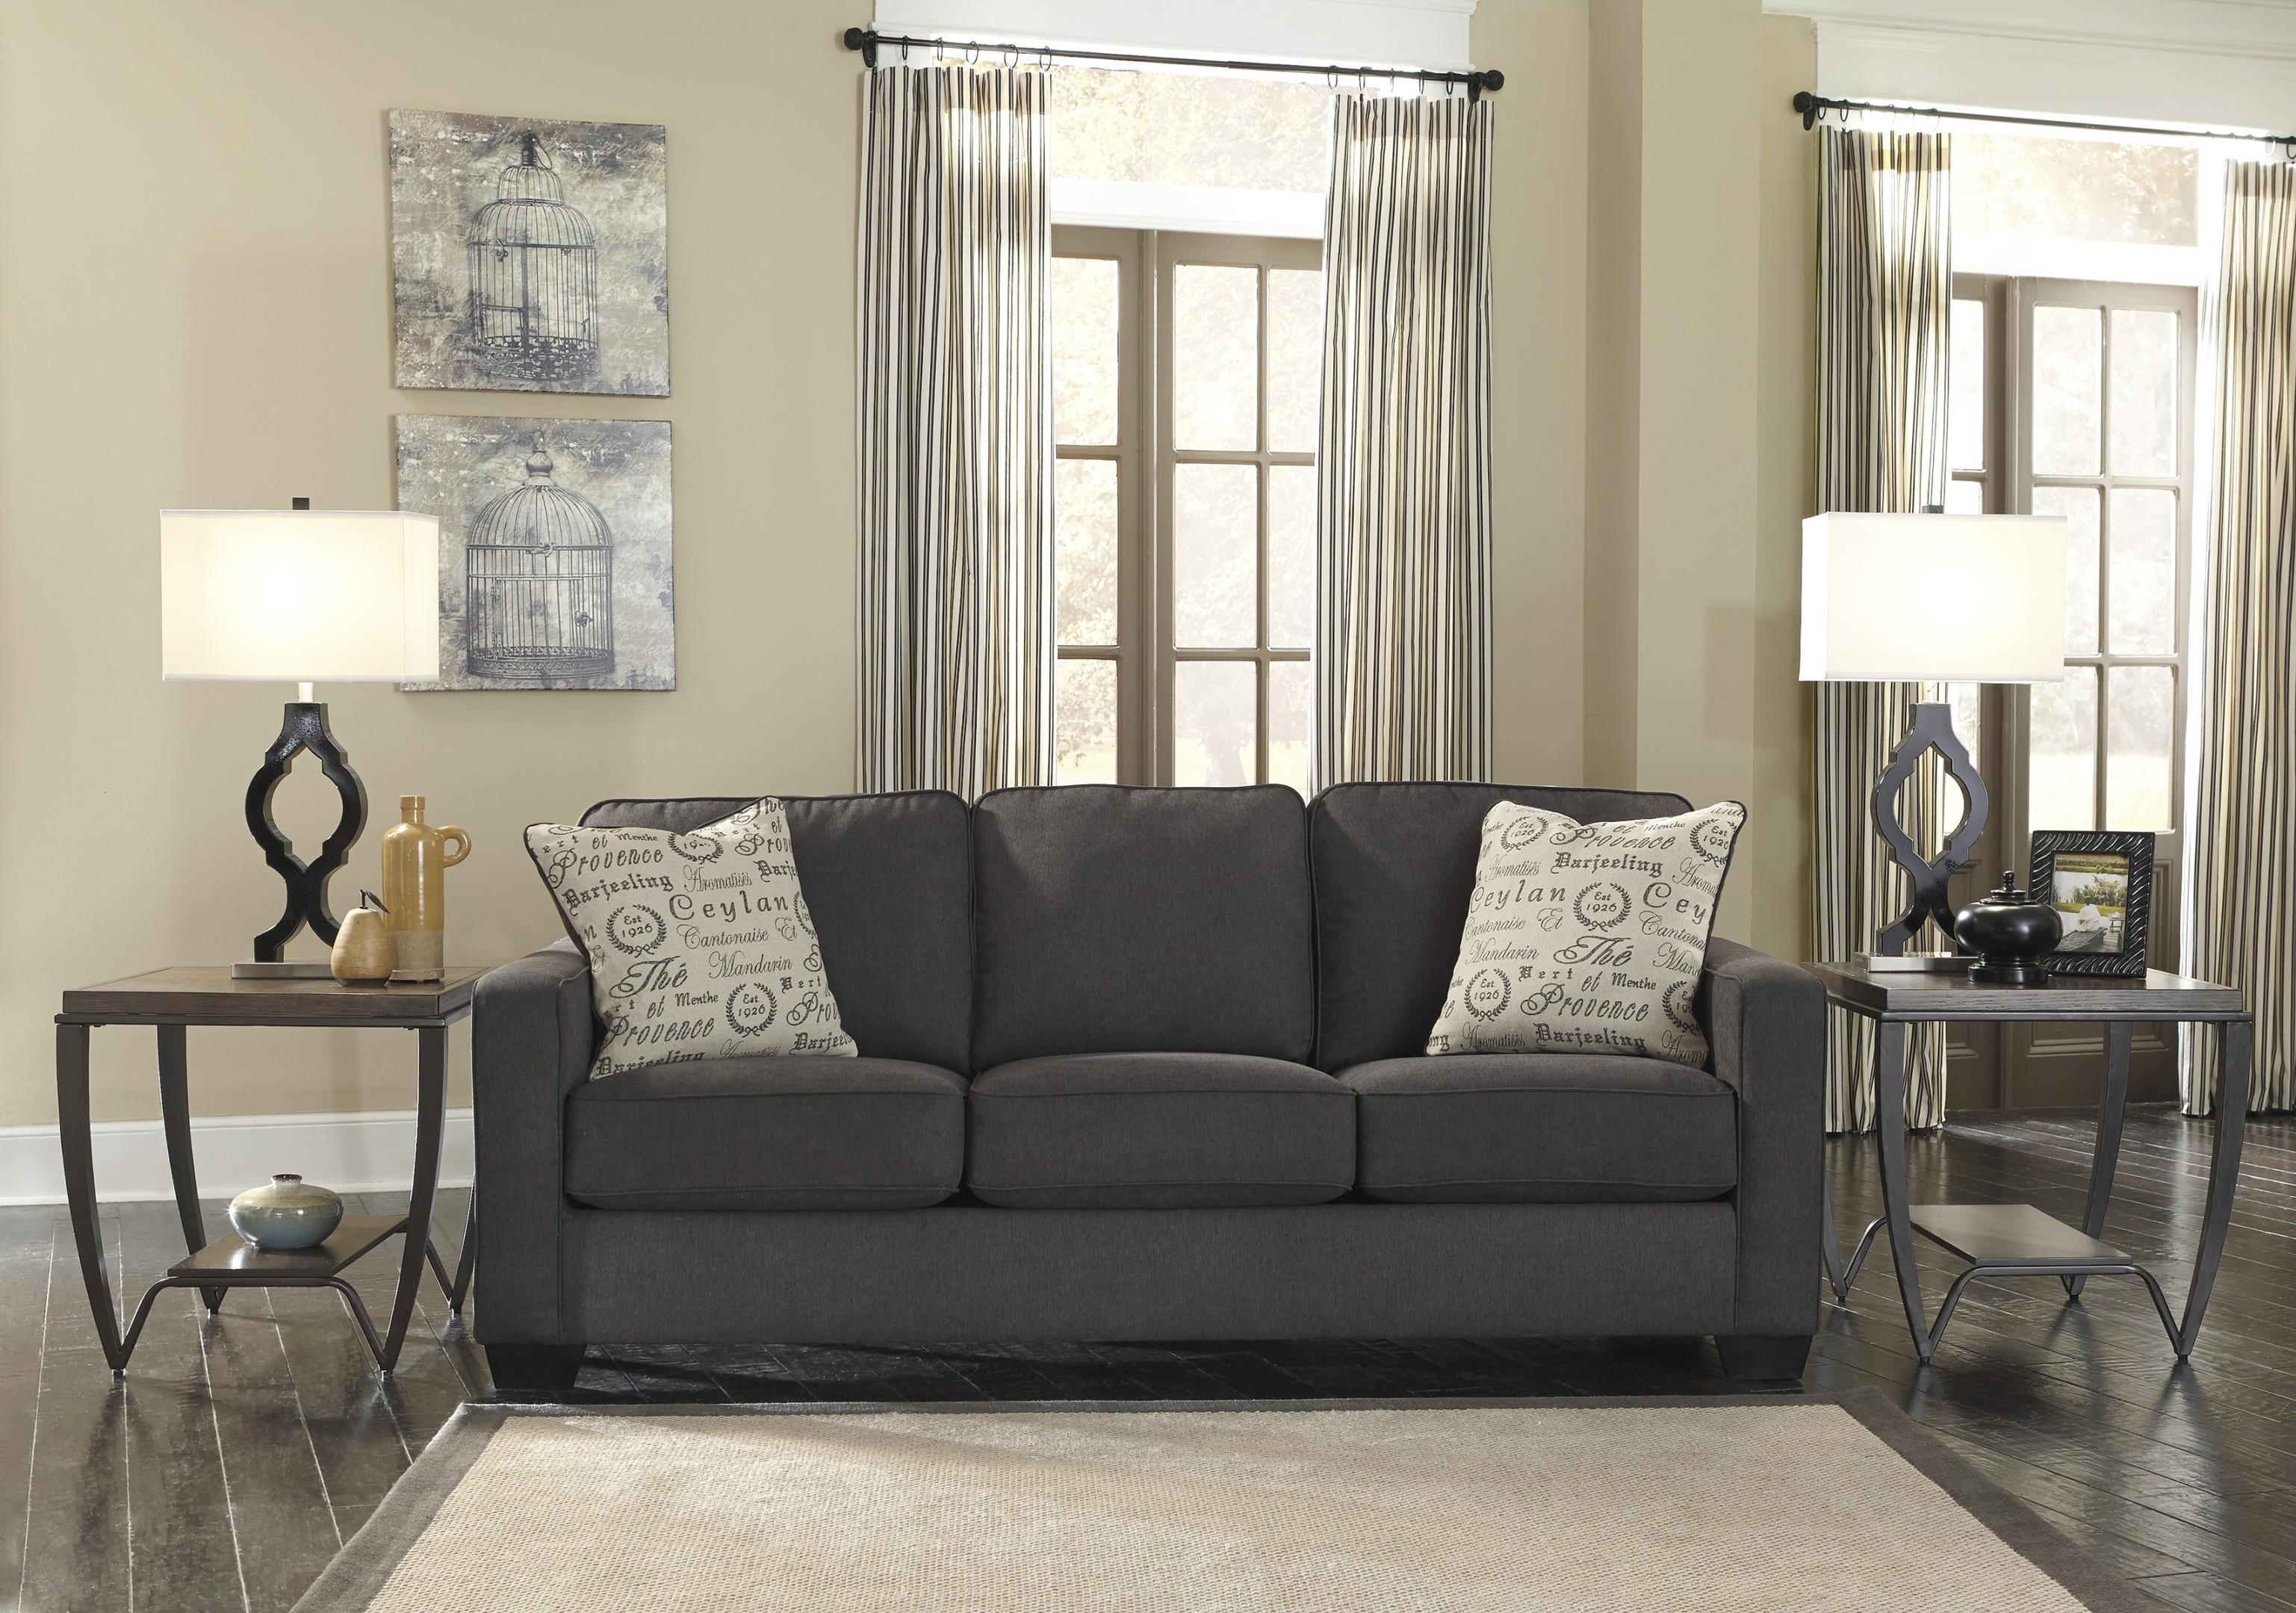 Dark Grey Sofa Living Room Ideas – Creditrestore With Living Room With Grey Sofas (View 4 of 20)